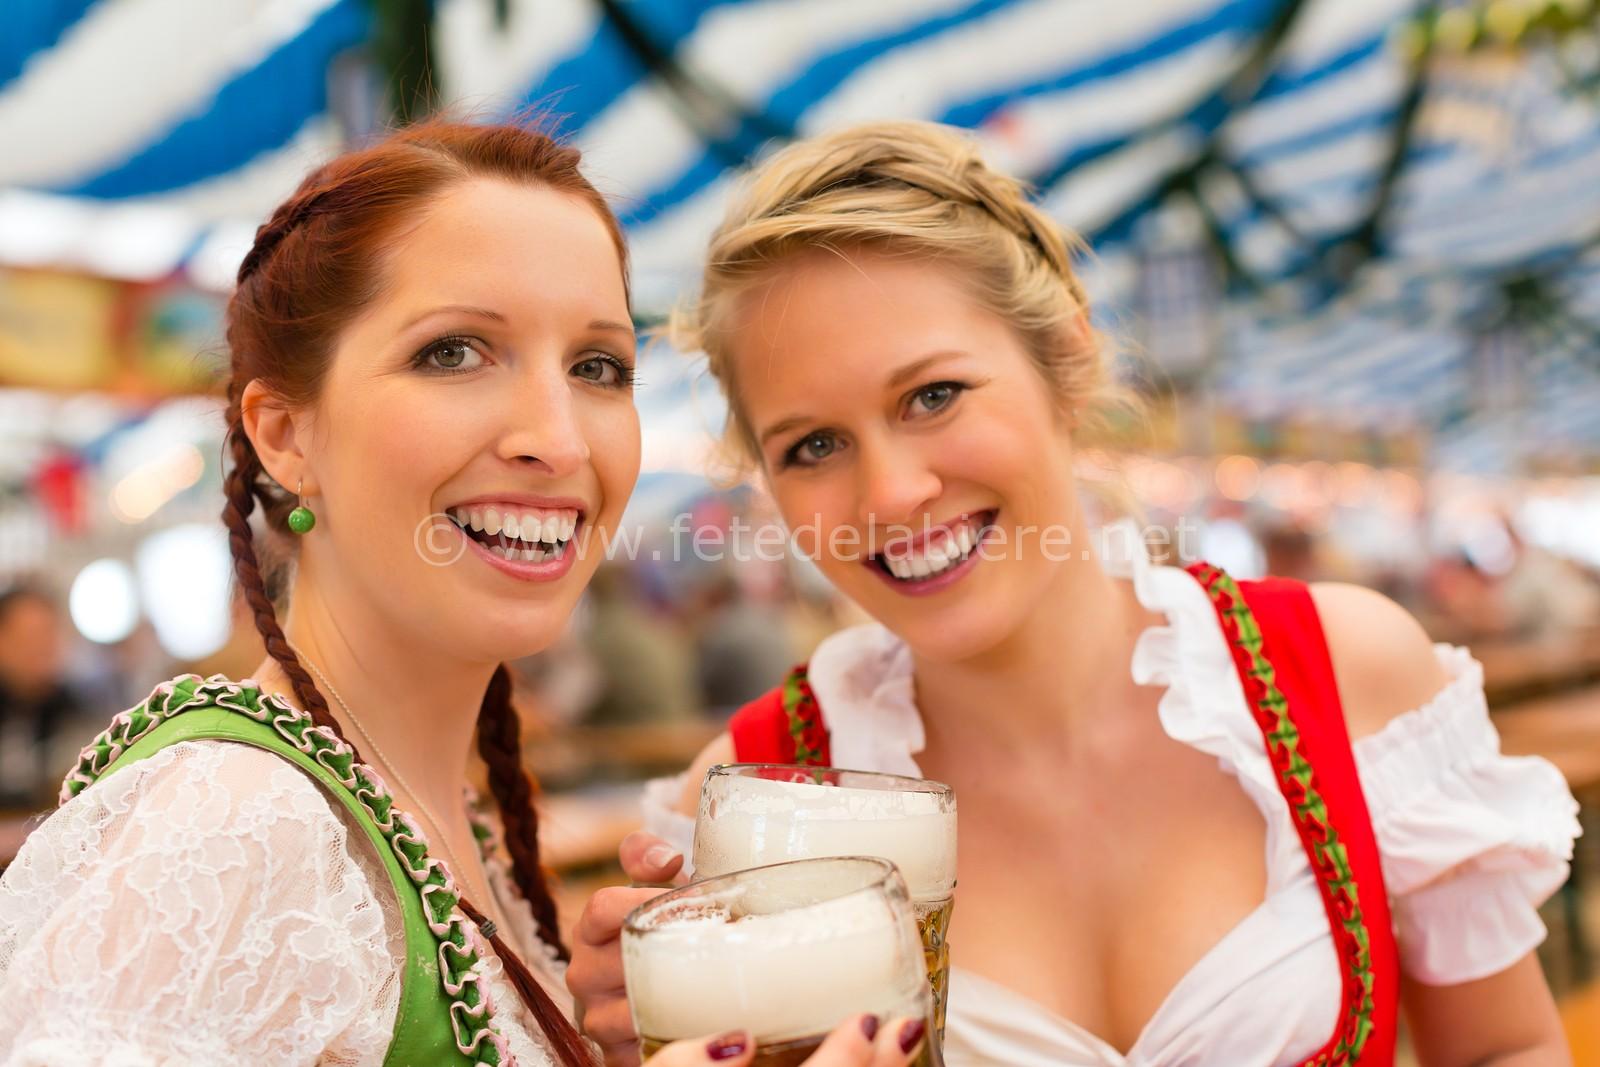 Deux femmes en habits traditionnels bavarois, en dirndl, boit deux Mass de bière.